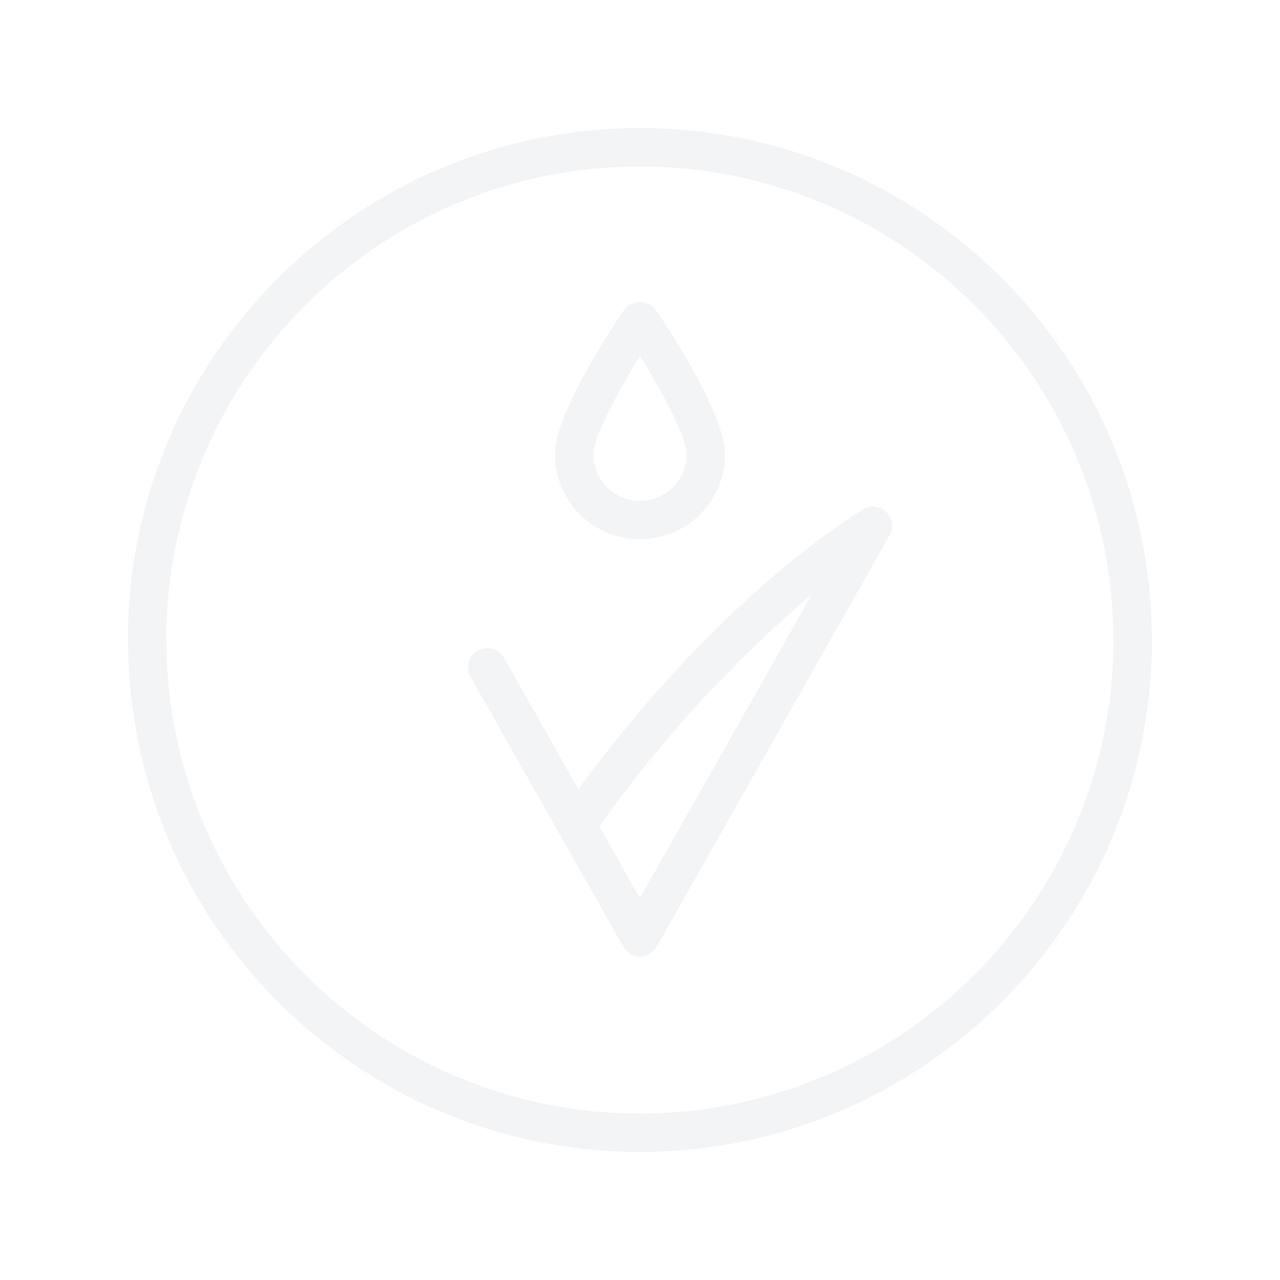 GIORGIO ARMANI Maestro Fusion Makeup SPF15 30ml